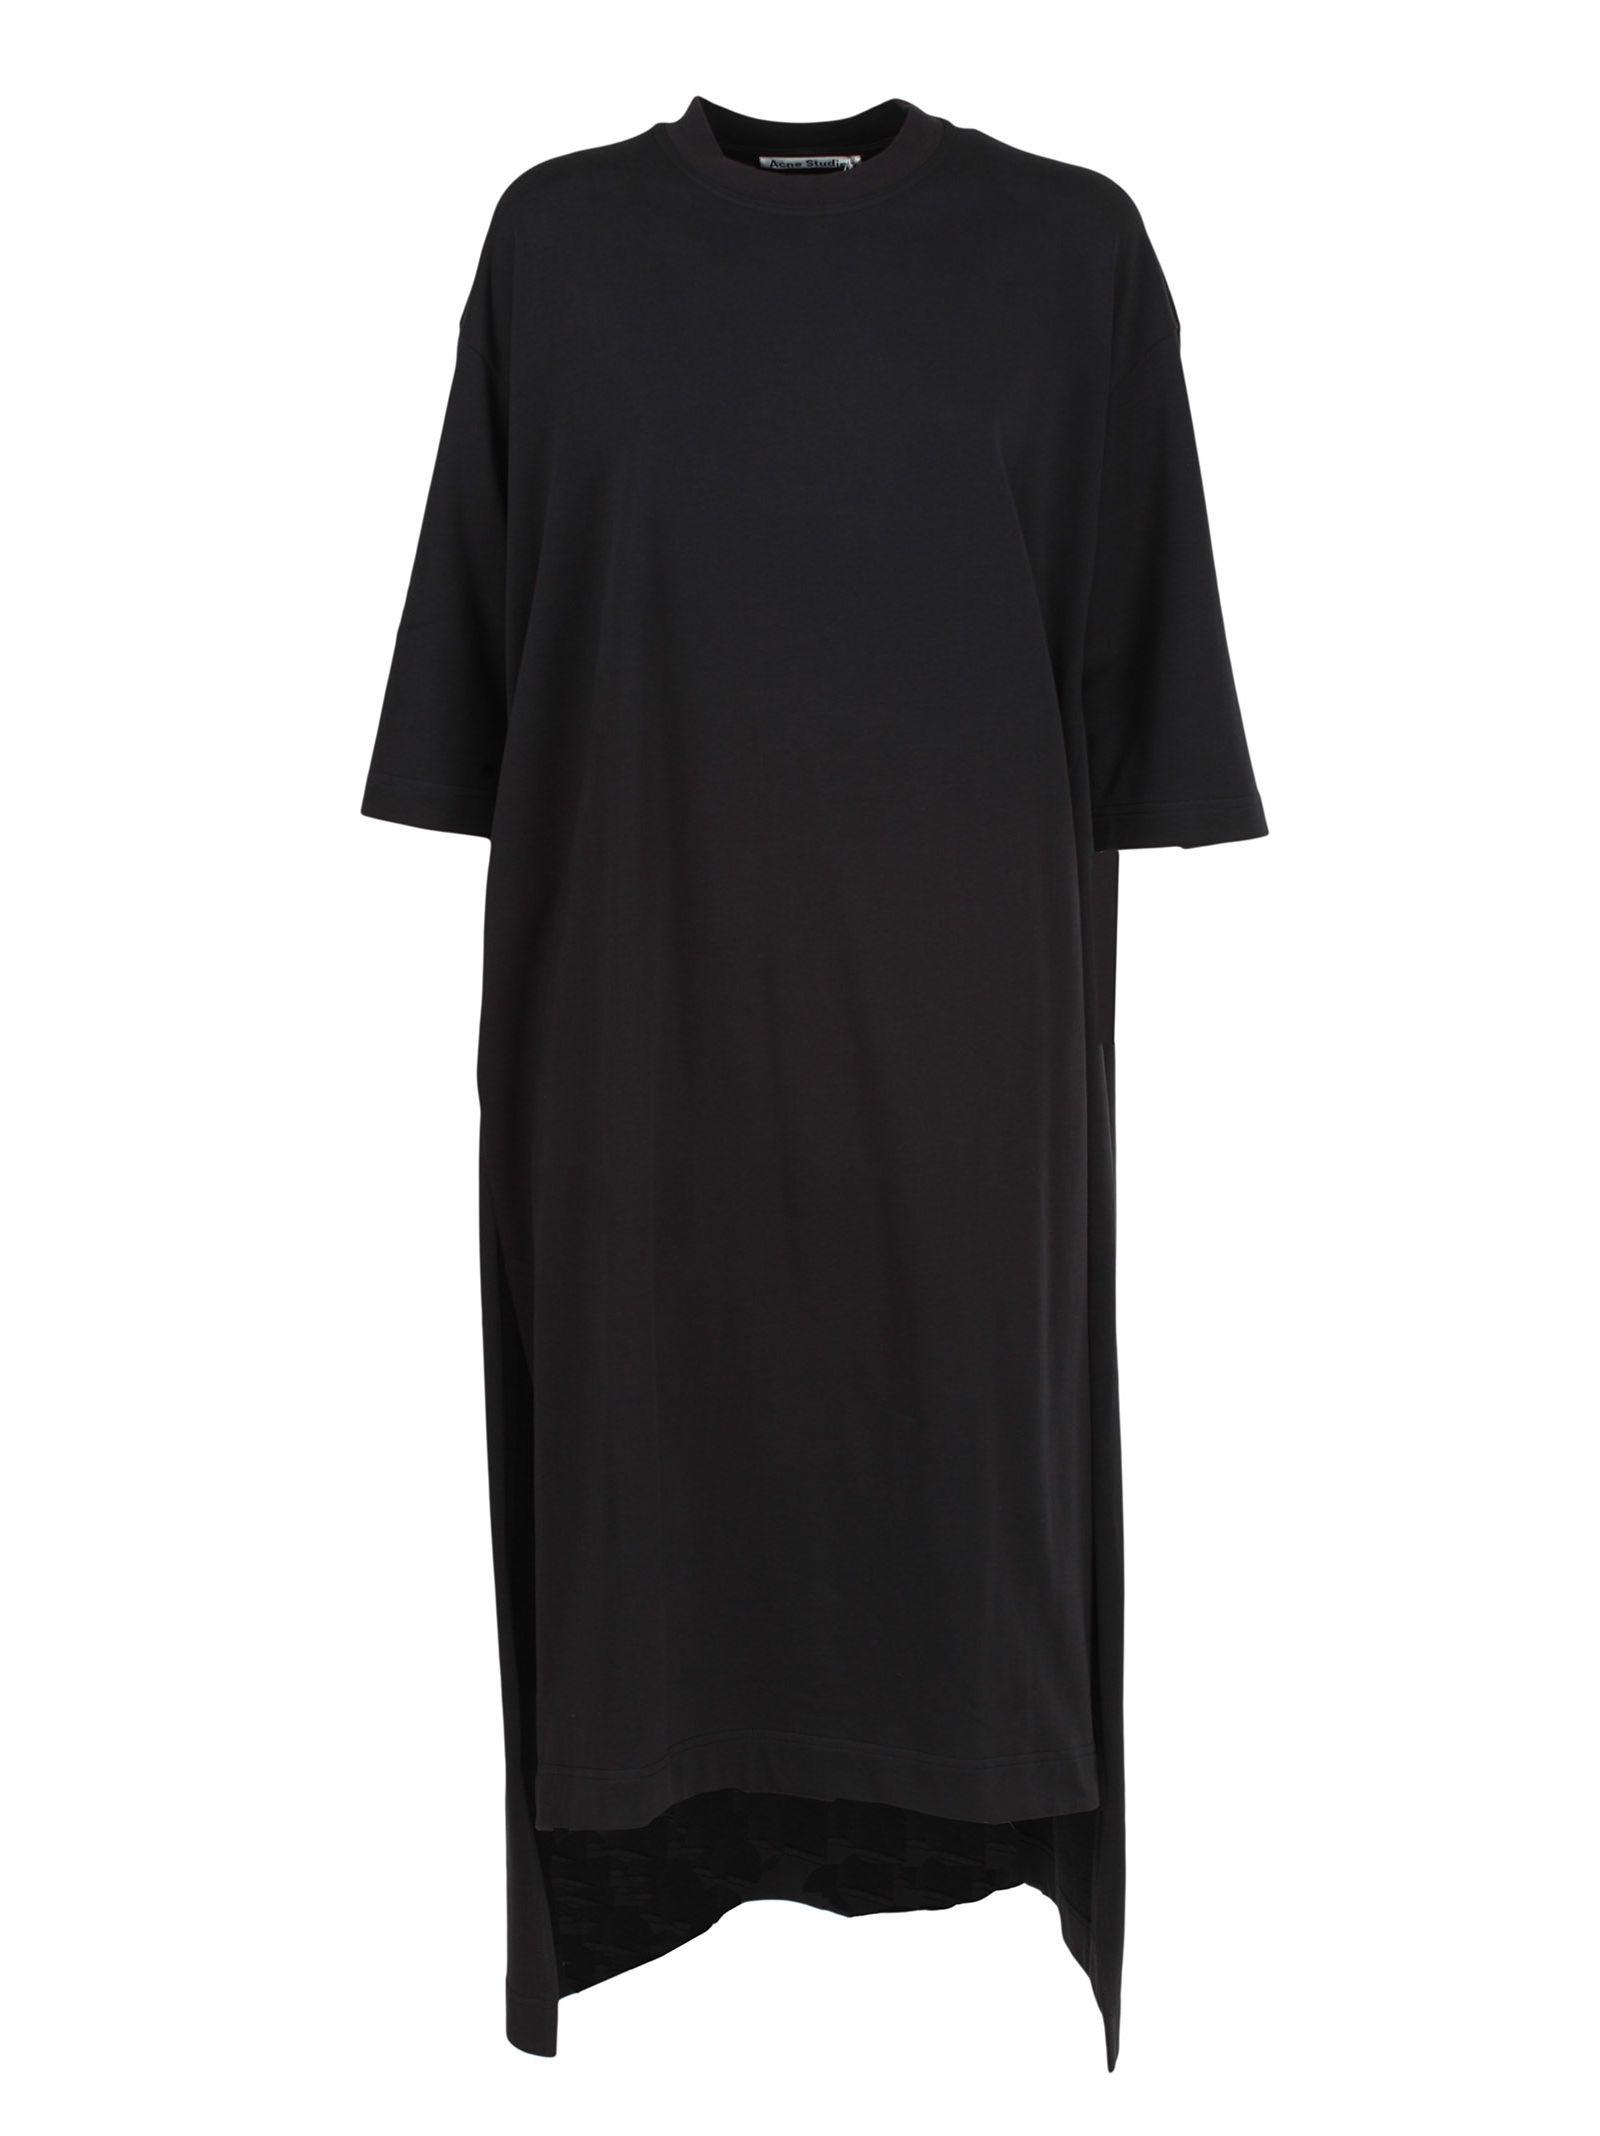 Acne Studio Oversized Dress